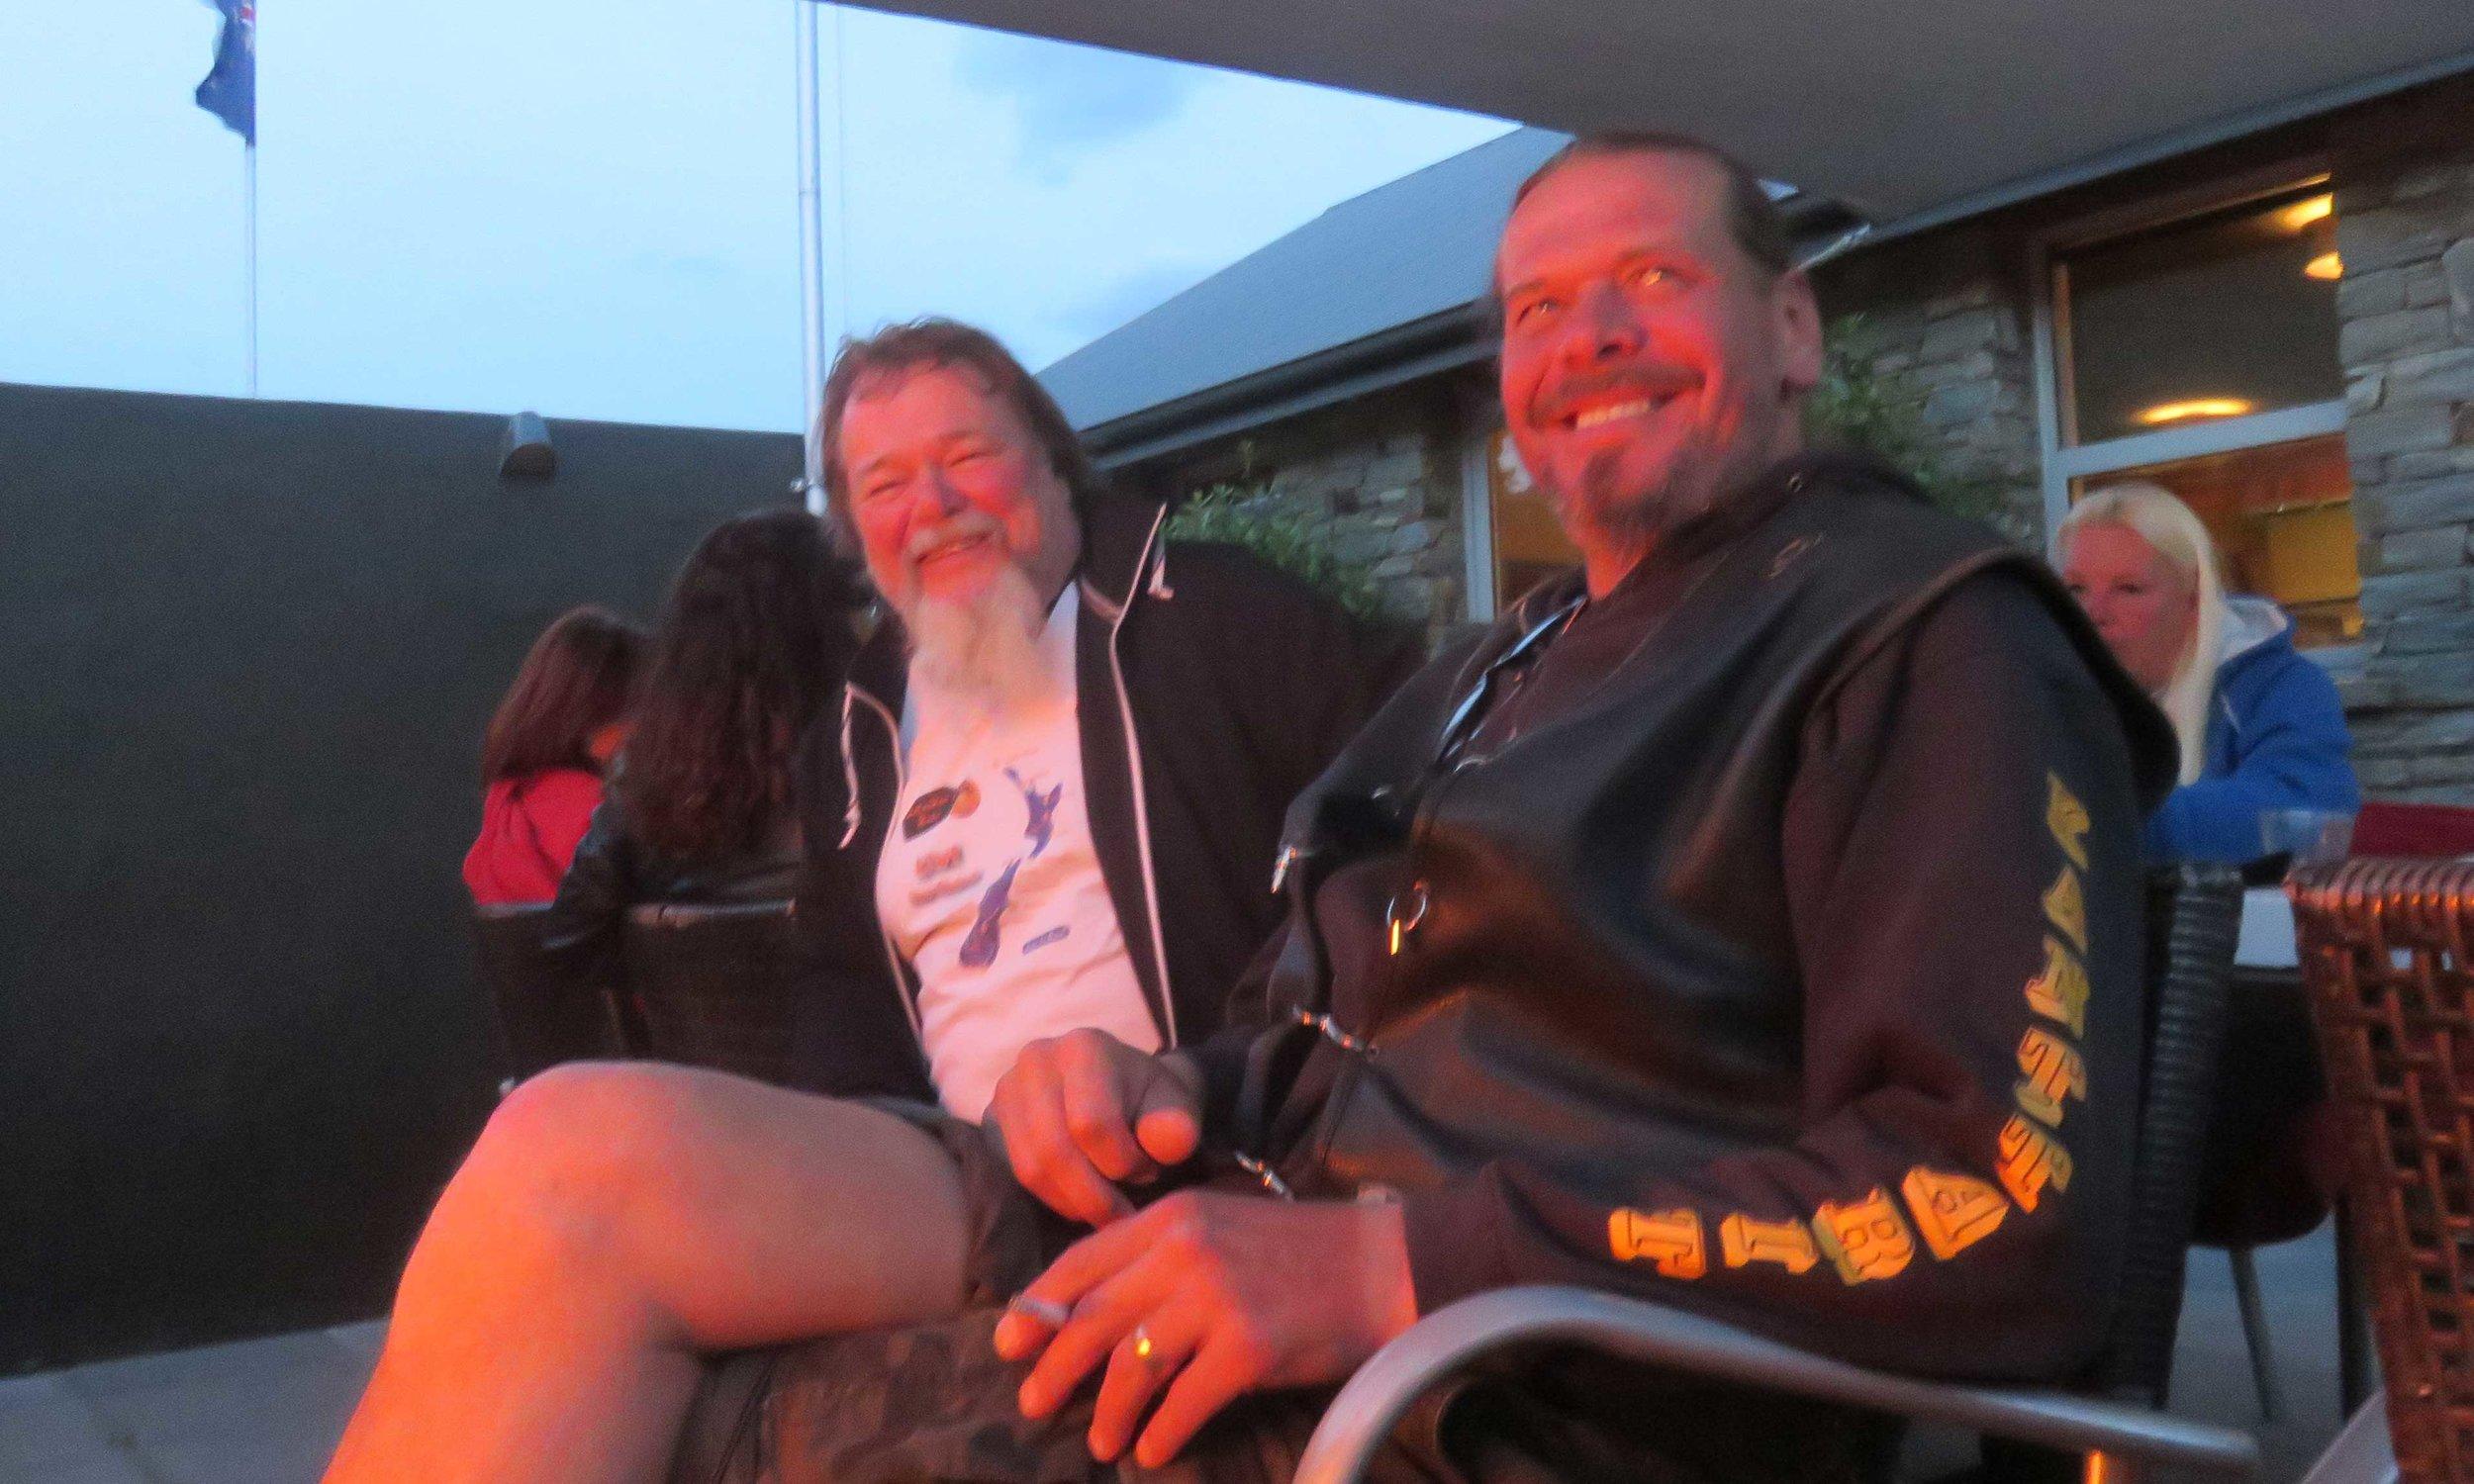 Herra Nils Rinne ja Chief Pekka odottelevat irlantilaisia kahveja tai jotakin muuta takkatulen loisteessa!